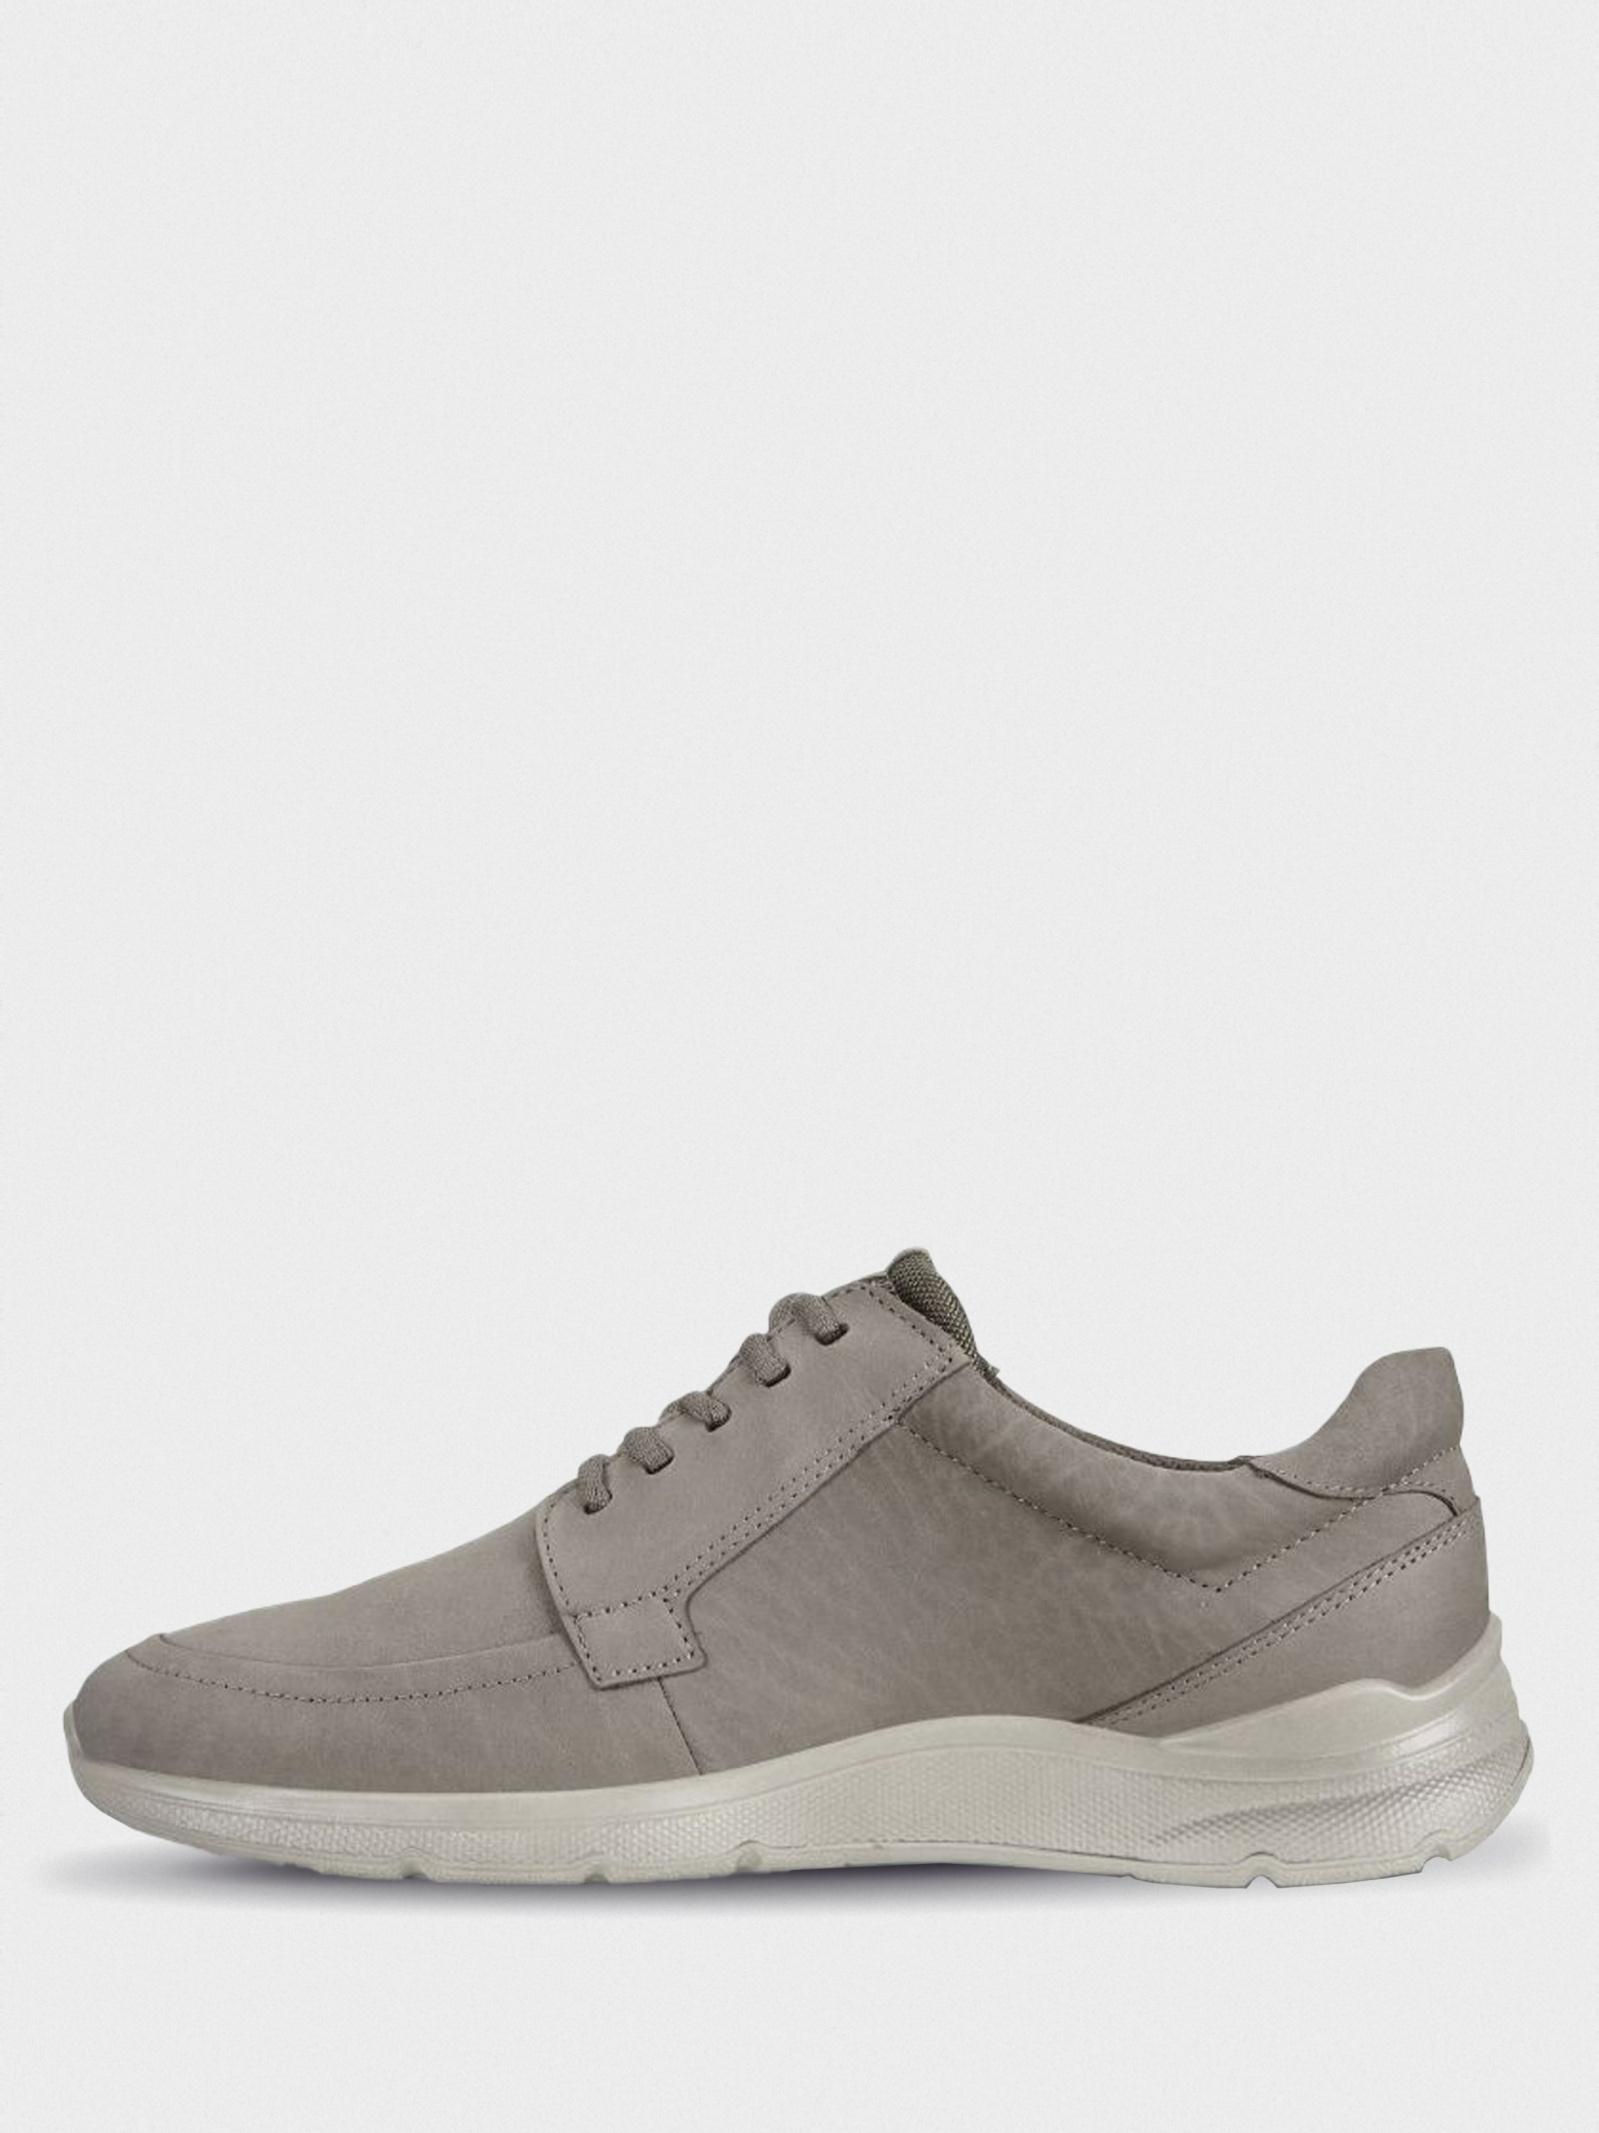 Напівчеревики  для чоловіків ECCO IRVING 511704(02375) модне взуття, 2017